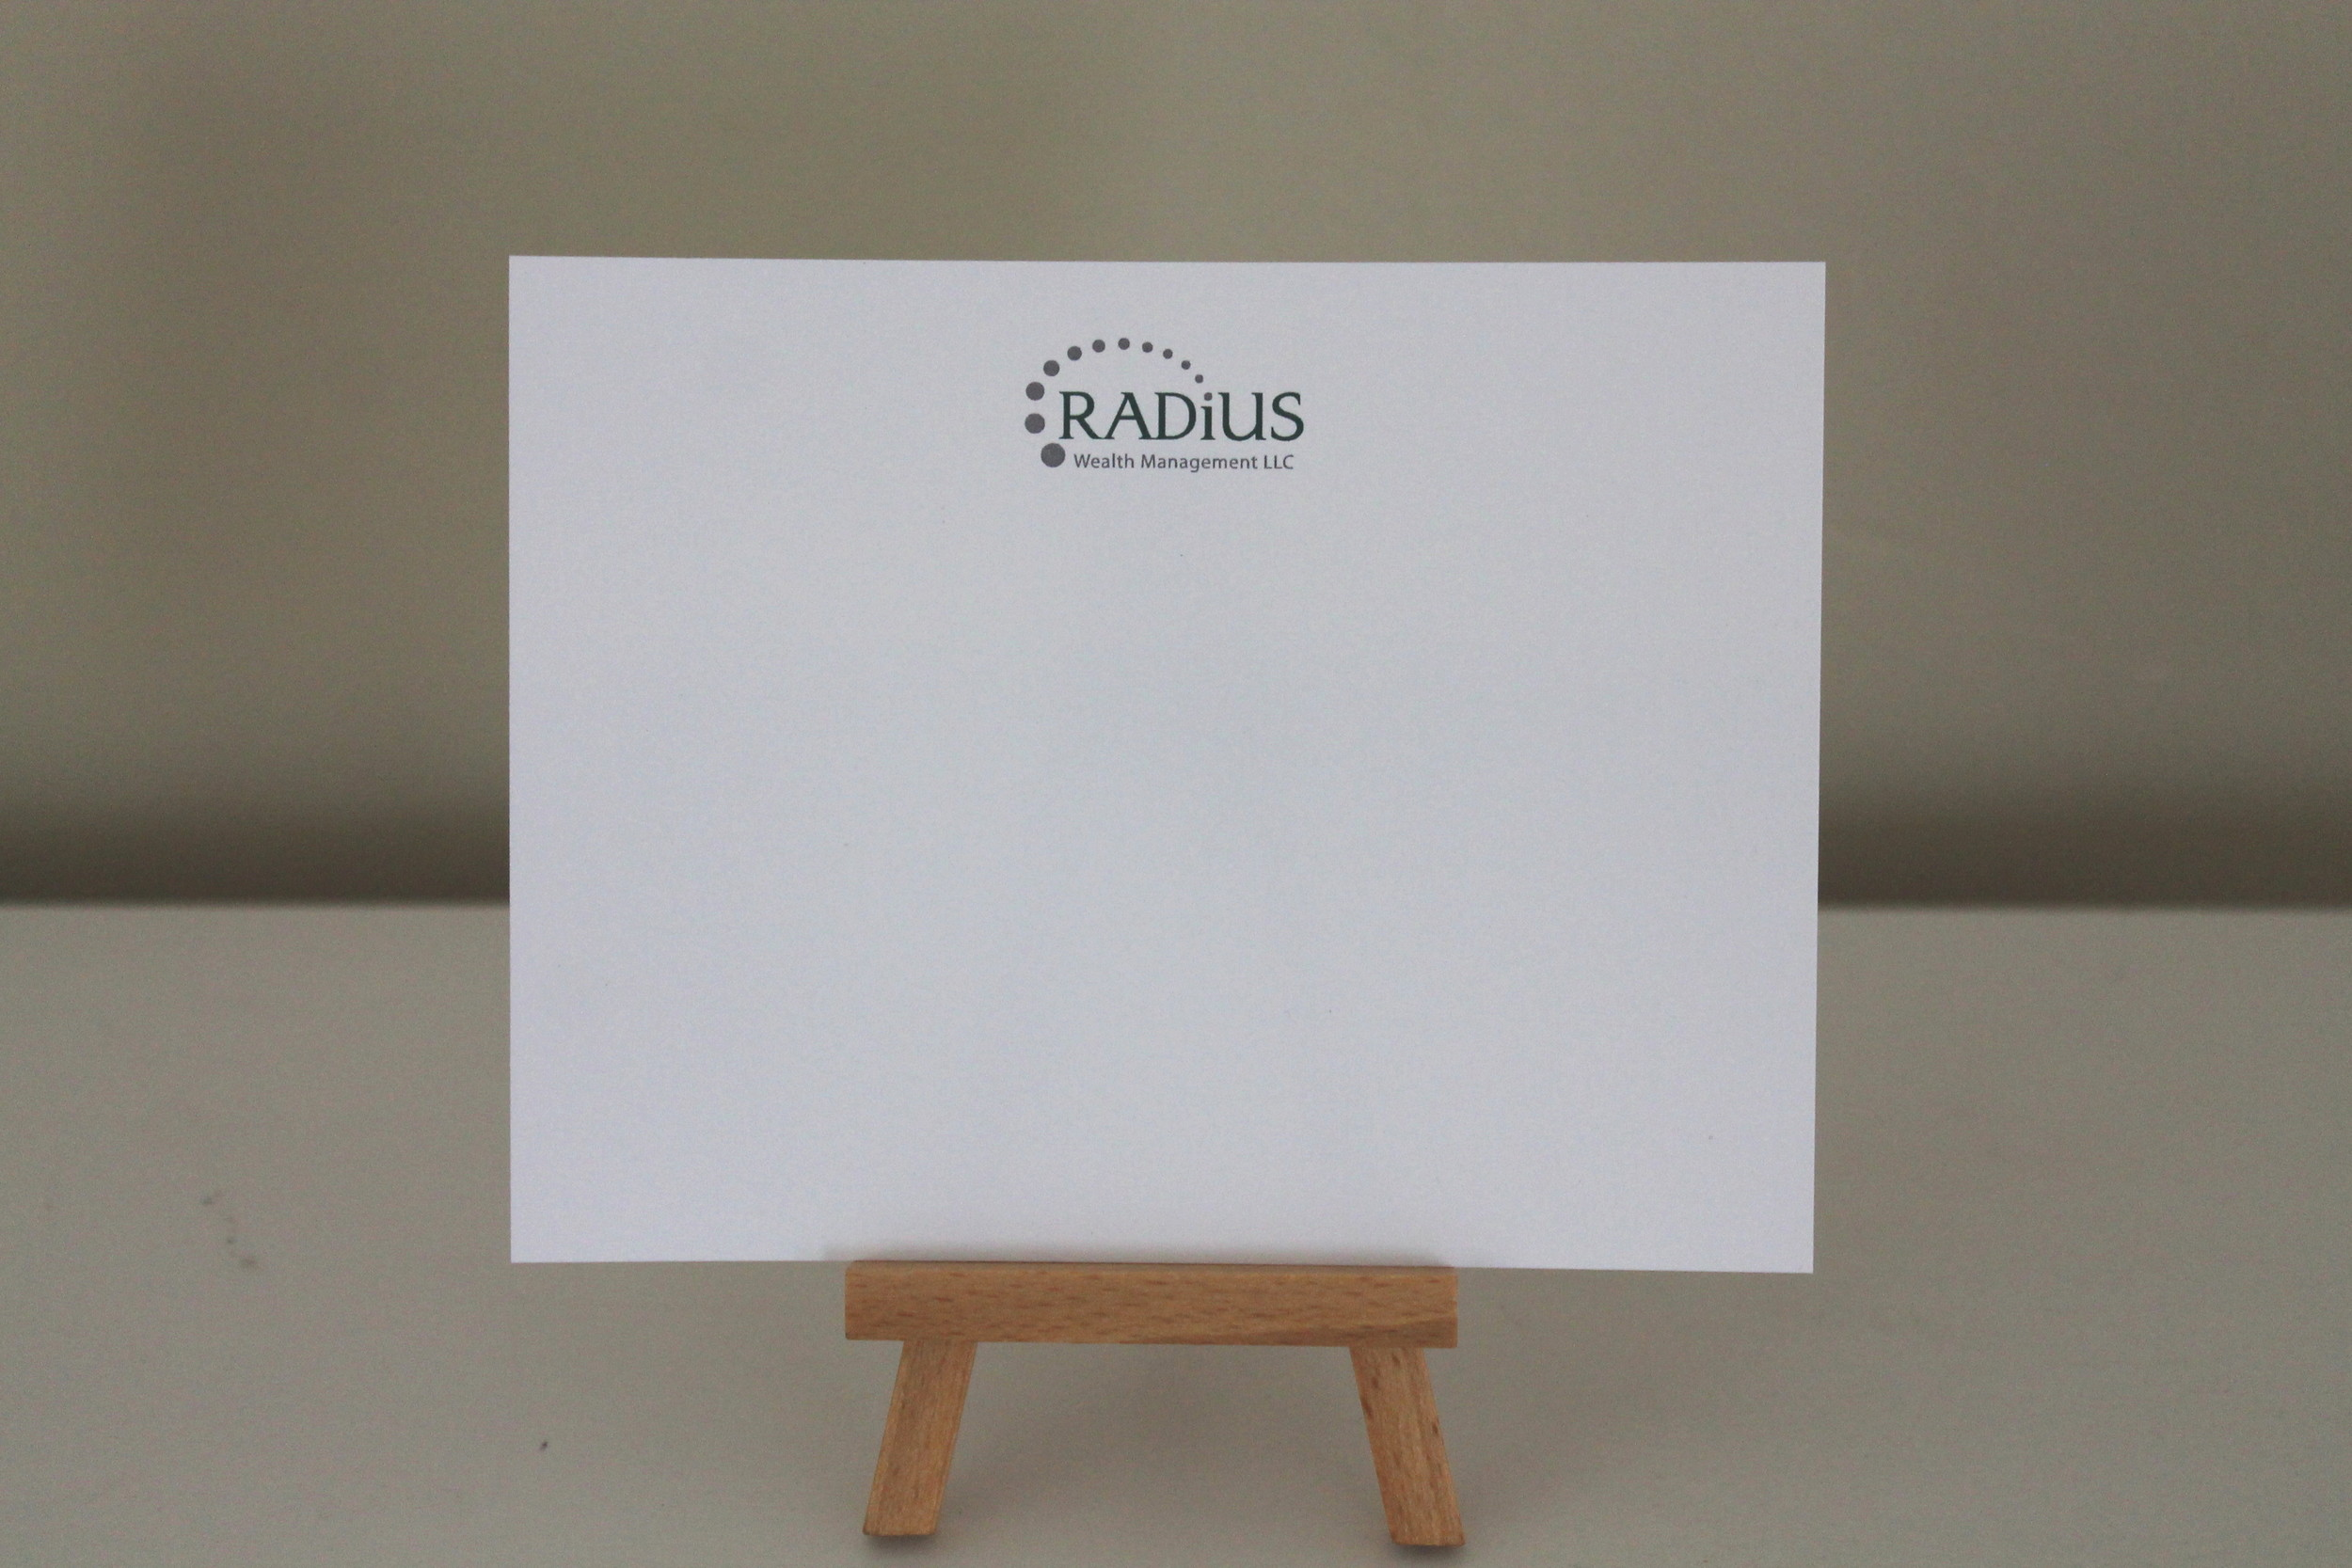 radius notecard